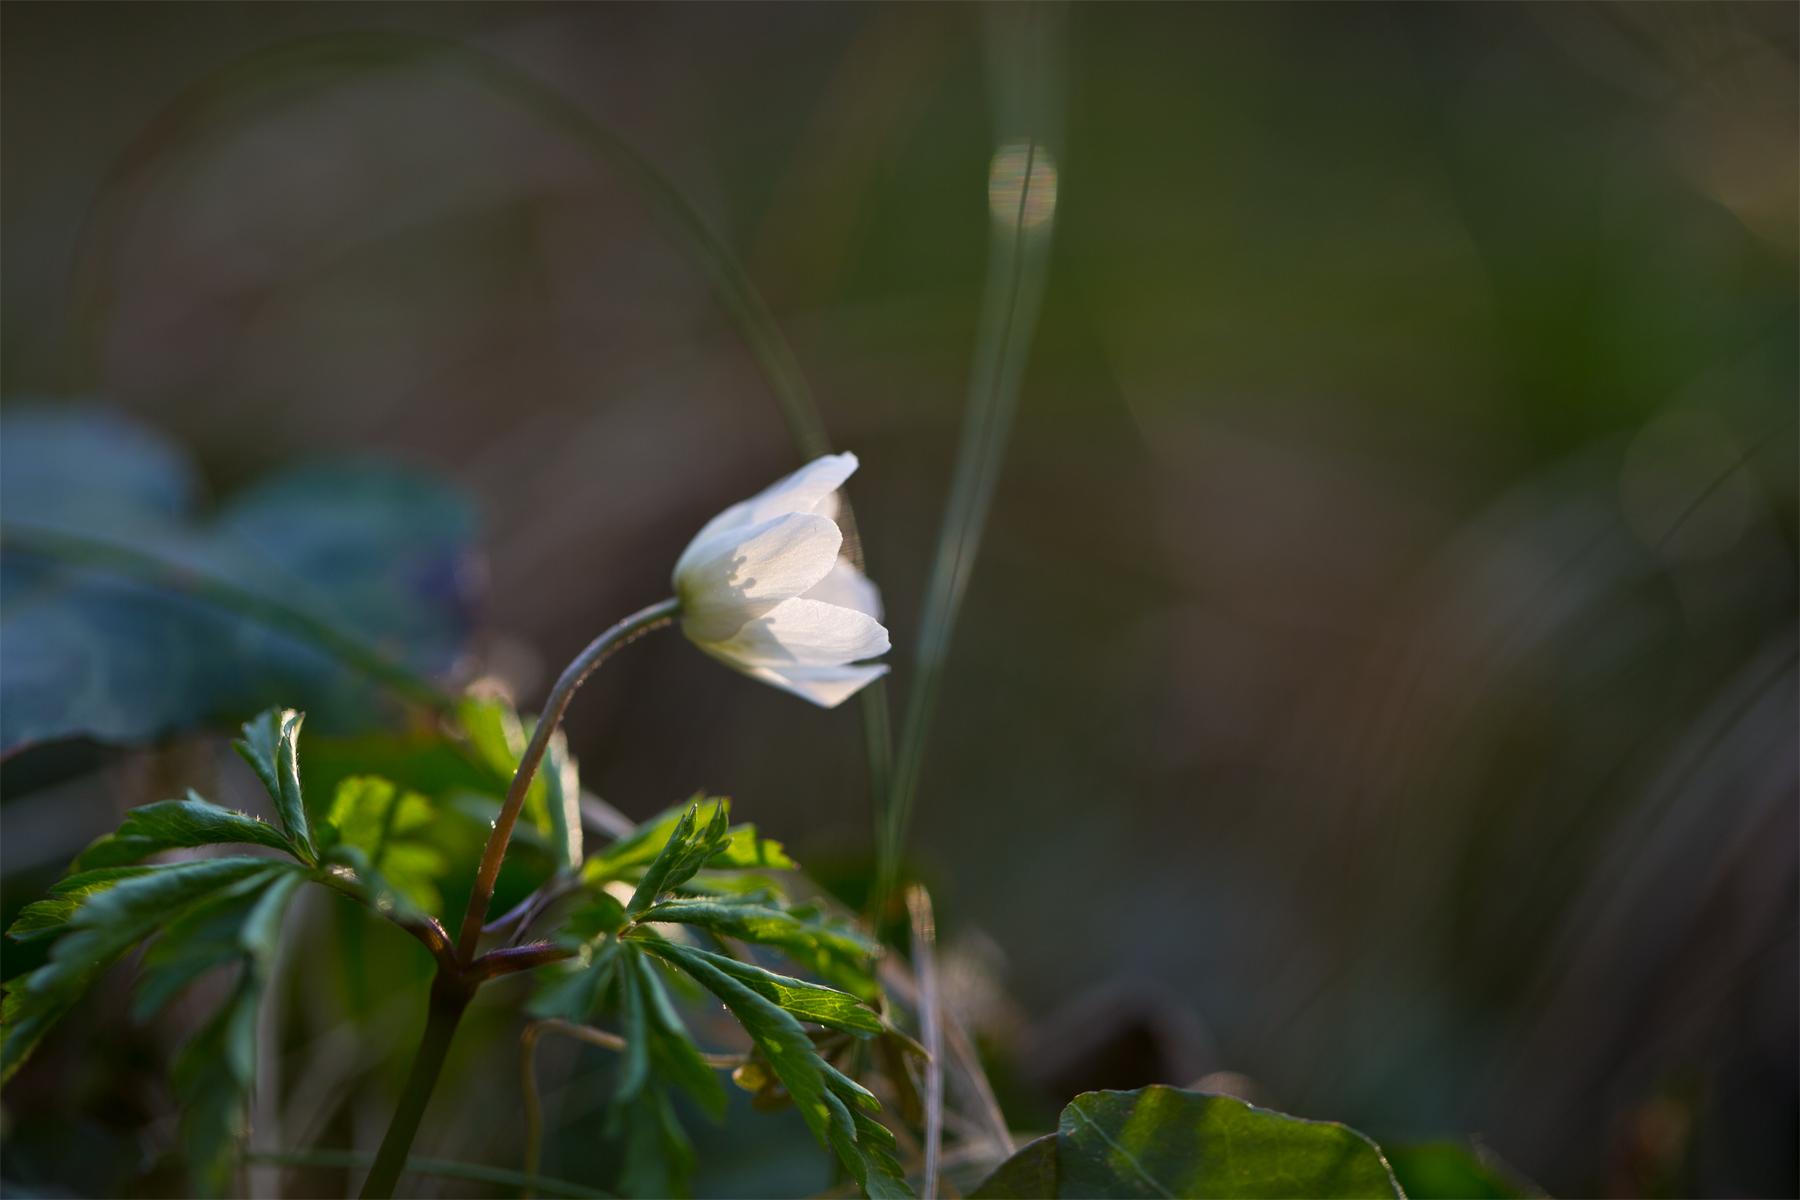 Buschwindröschen im Sonnenlicht